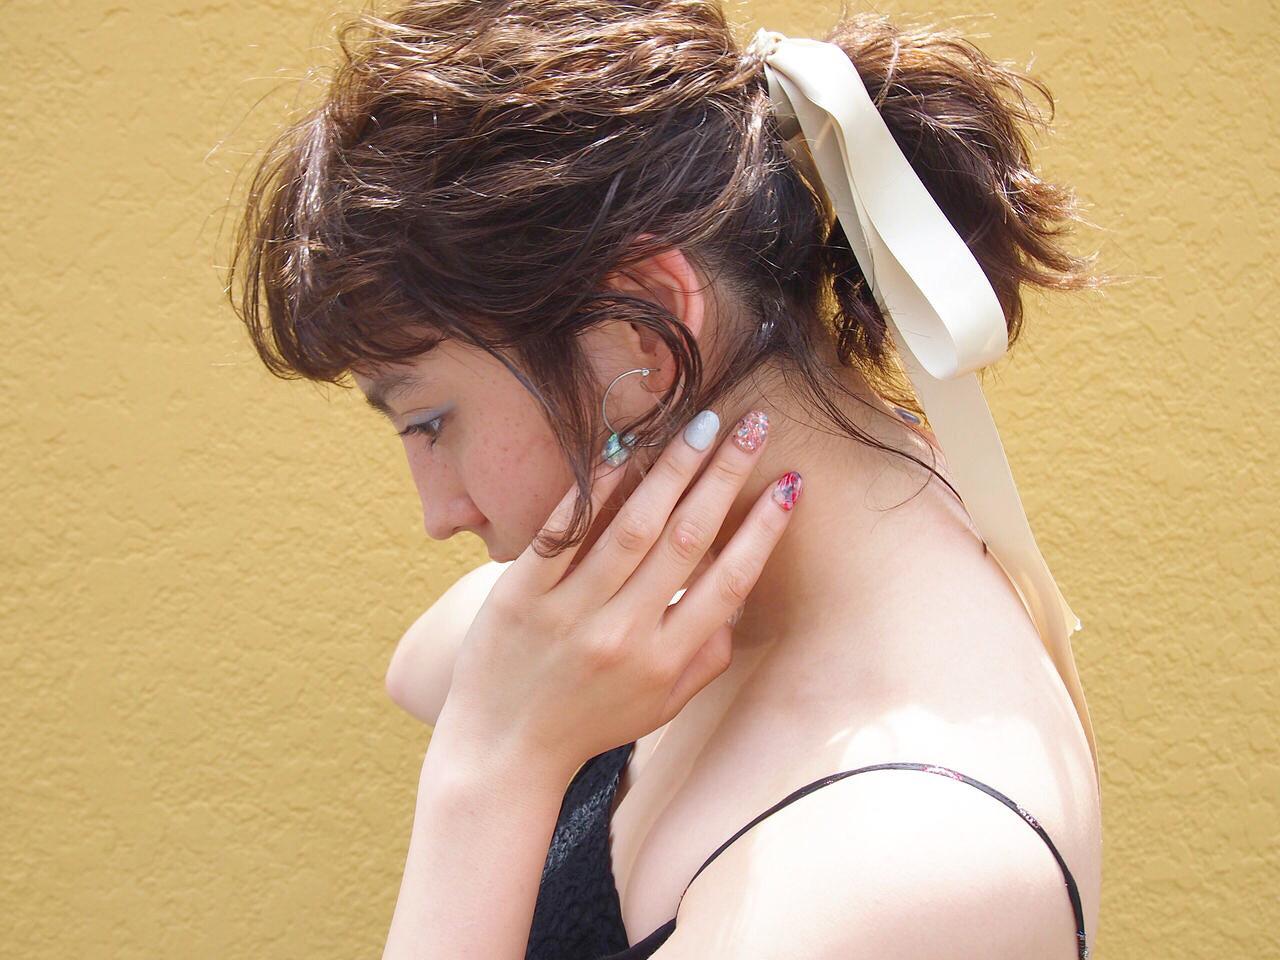 男ウケを狙うならポニーテール! Rie Akita | LOAVE omotesando